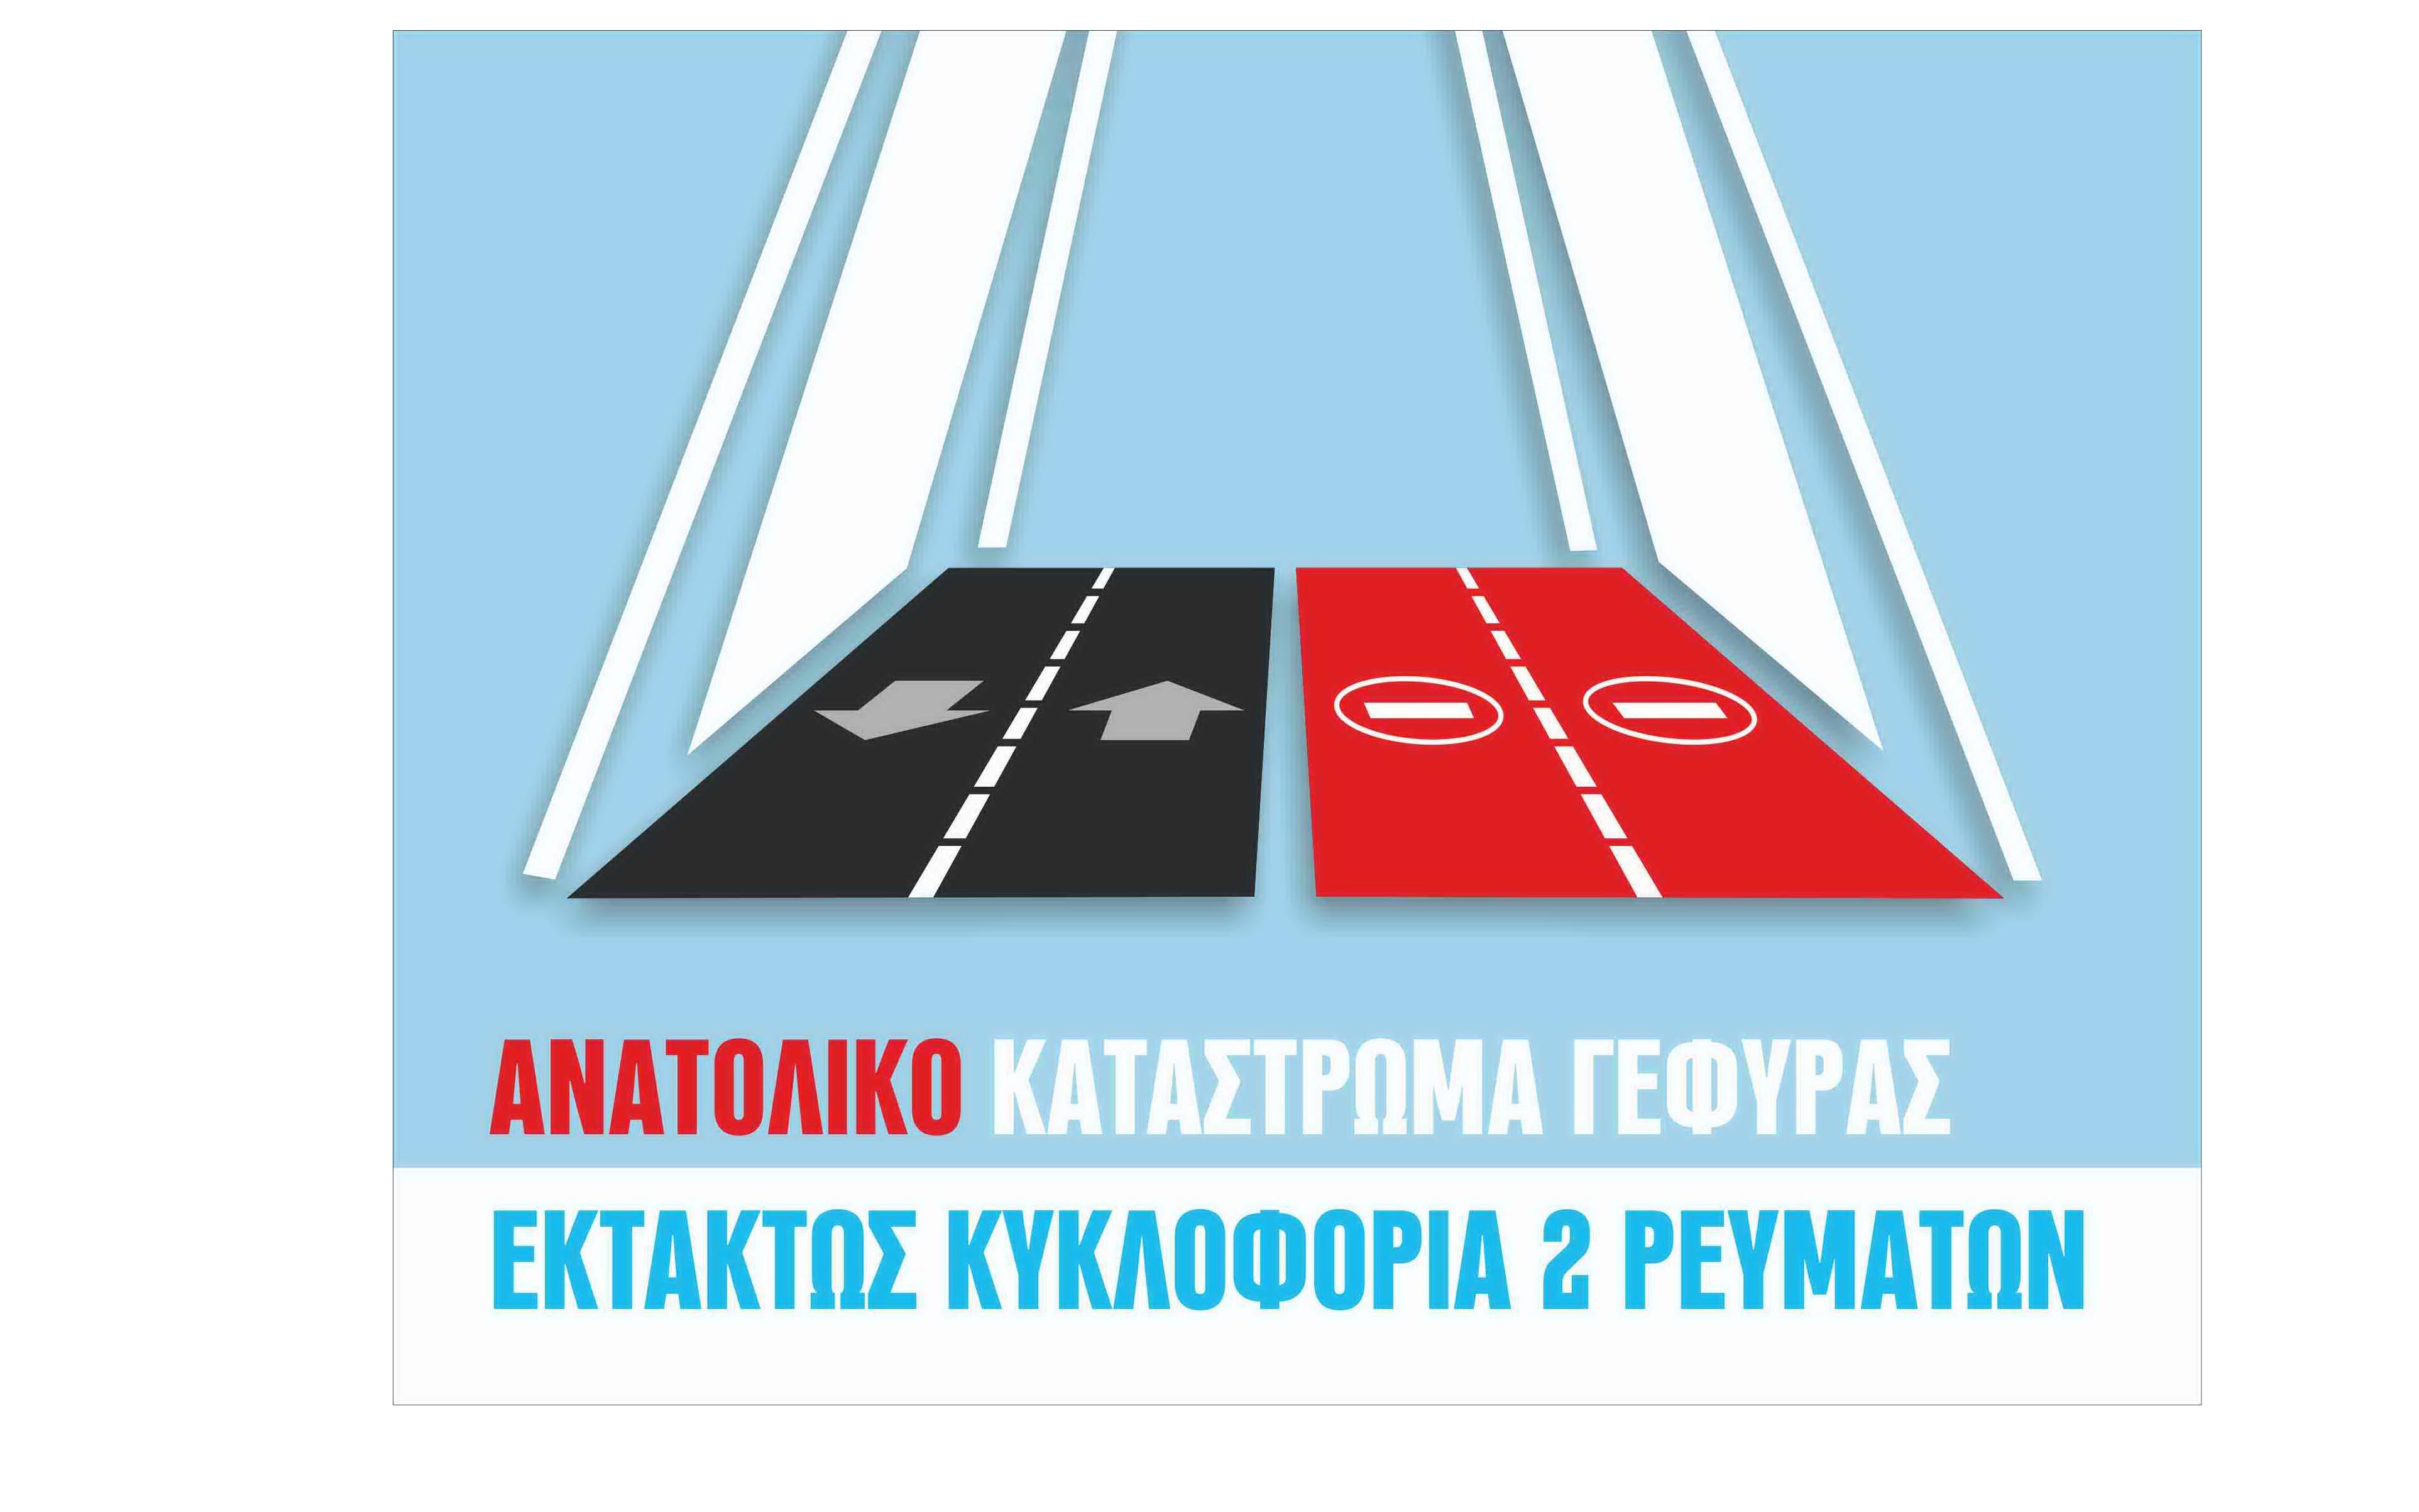 kykloforiakes-rythmiseis-sti-gefyra-rioy-amp-8211-antirrioy-meta-tin-proskroysi-fortigoy-se-pinakida3